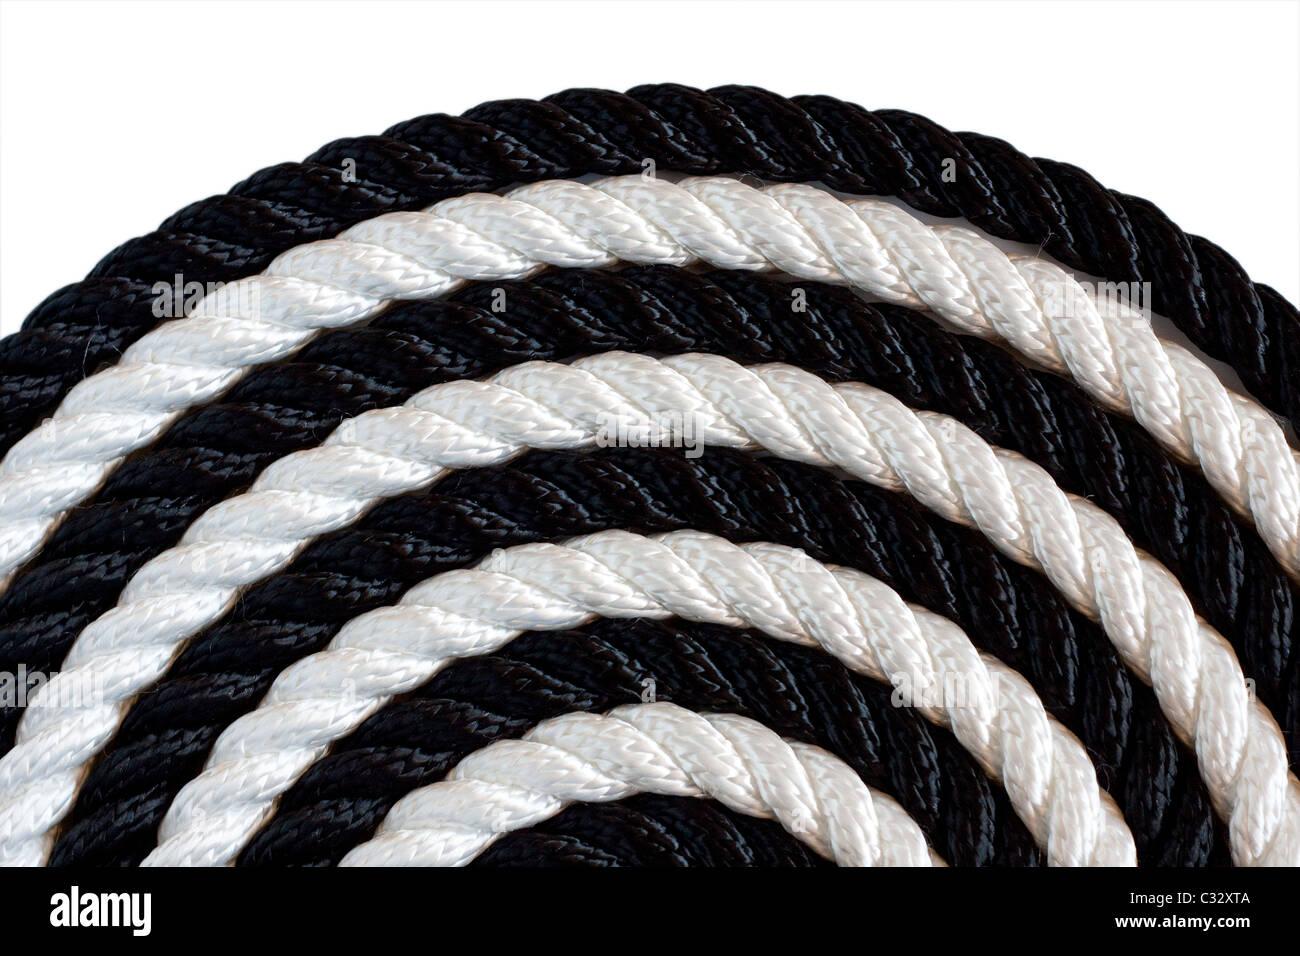 Corde noir et blanc sur fond blanc Photo Stock